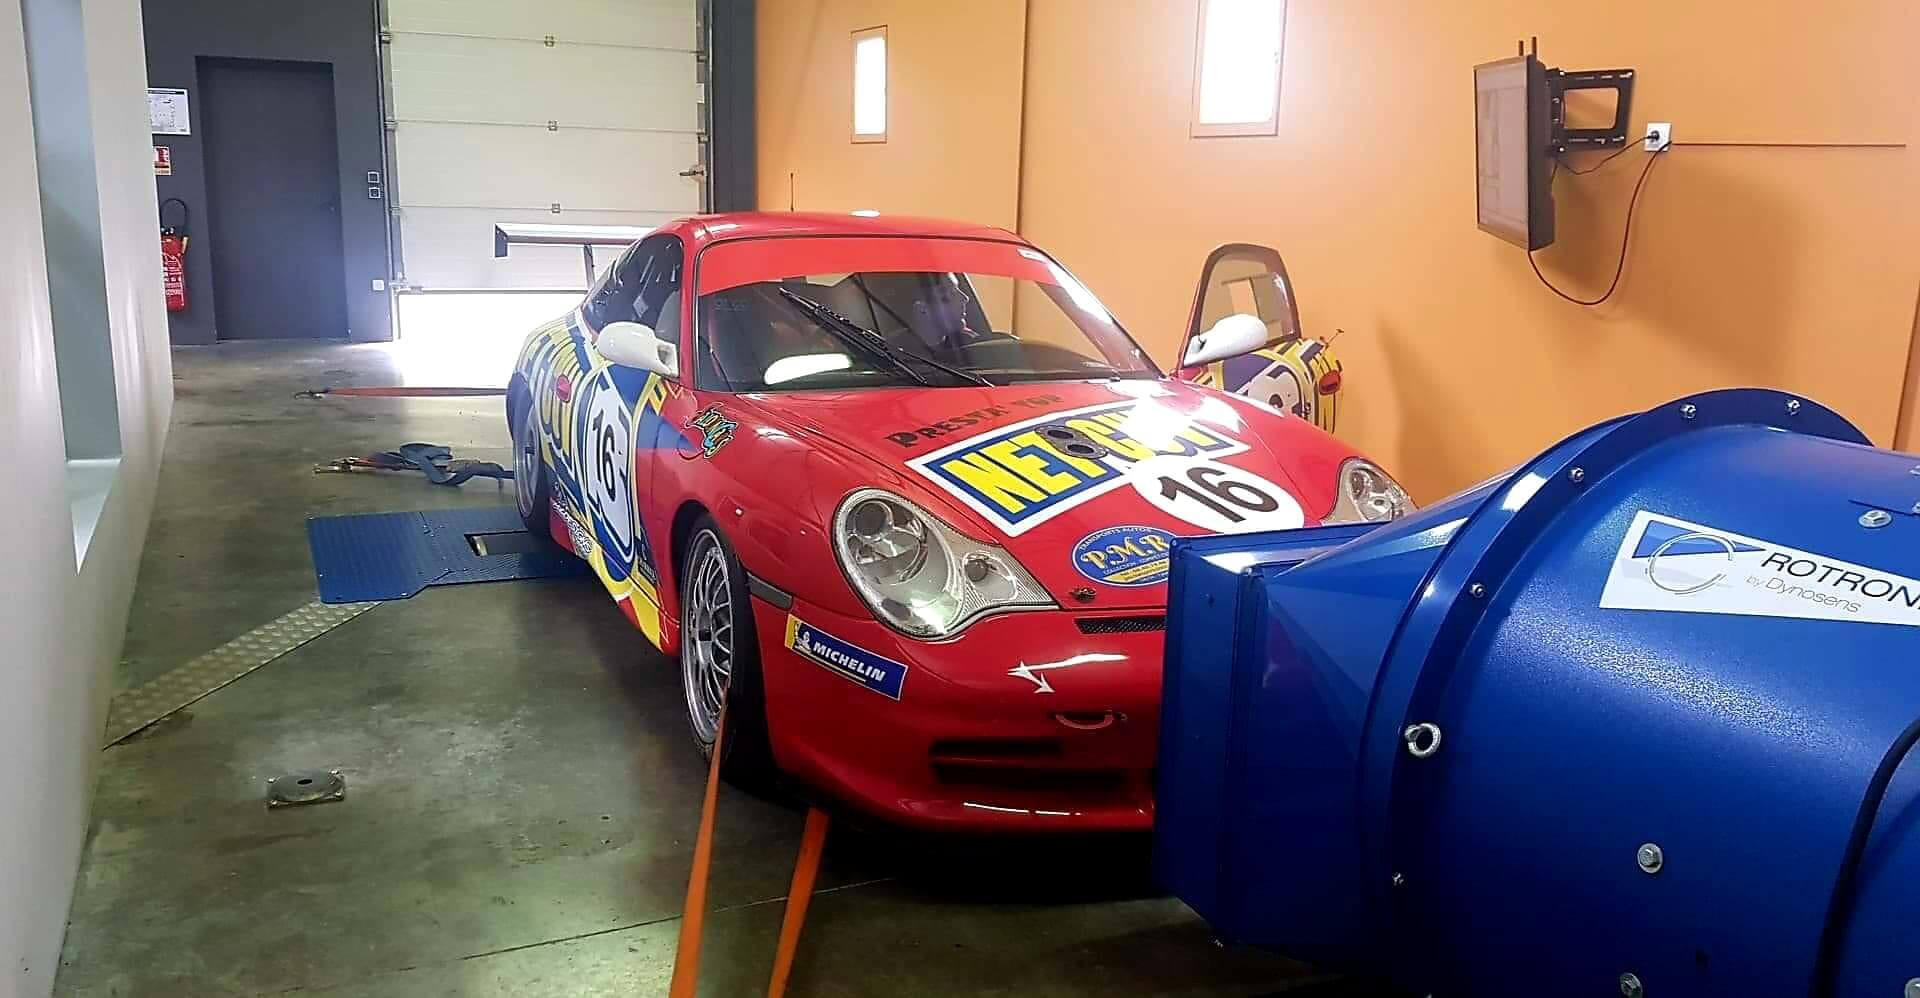 préparation moteur, le réglage ou le contrôle de votre voiture de course ou de collection